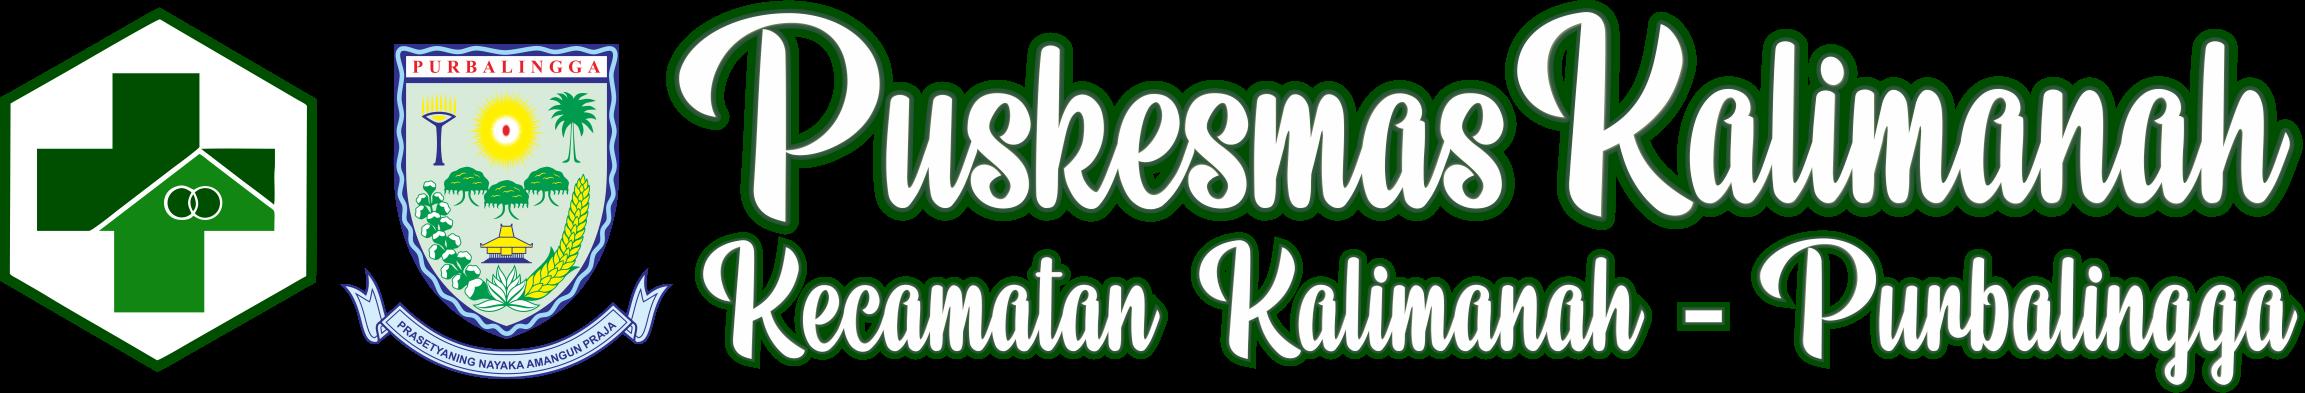 Puskesmas Kalimanah